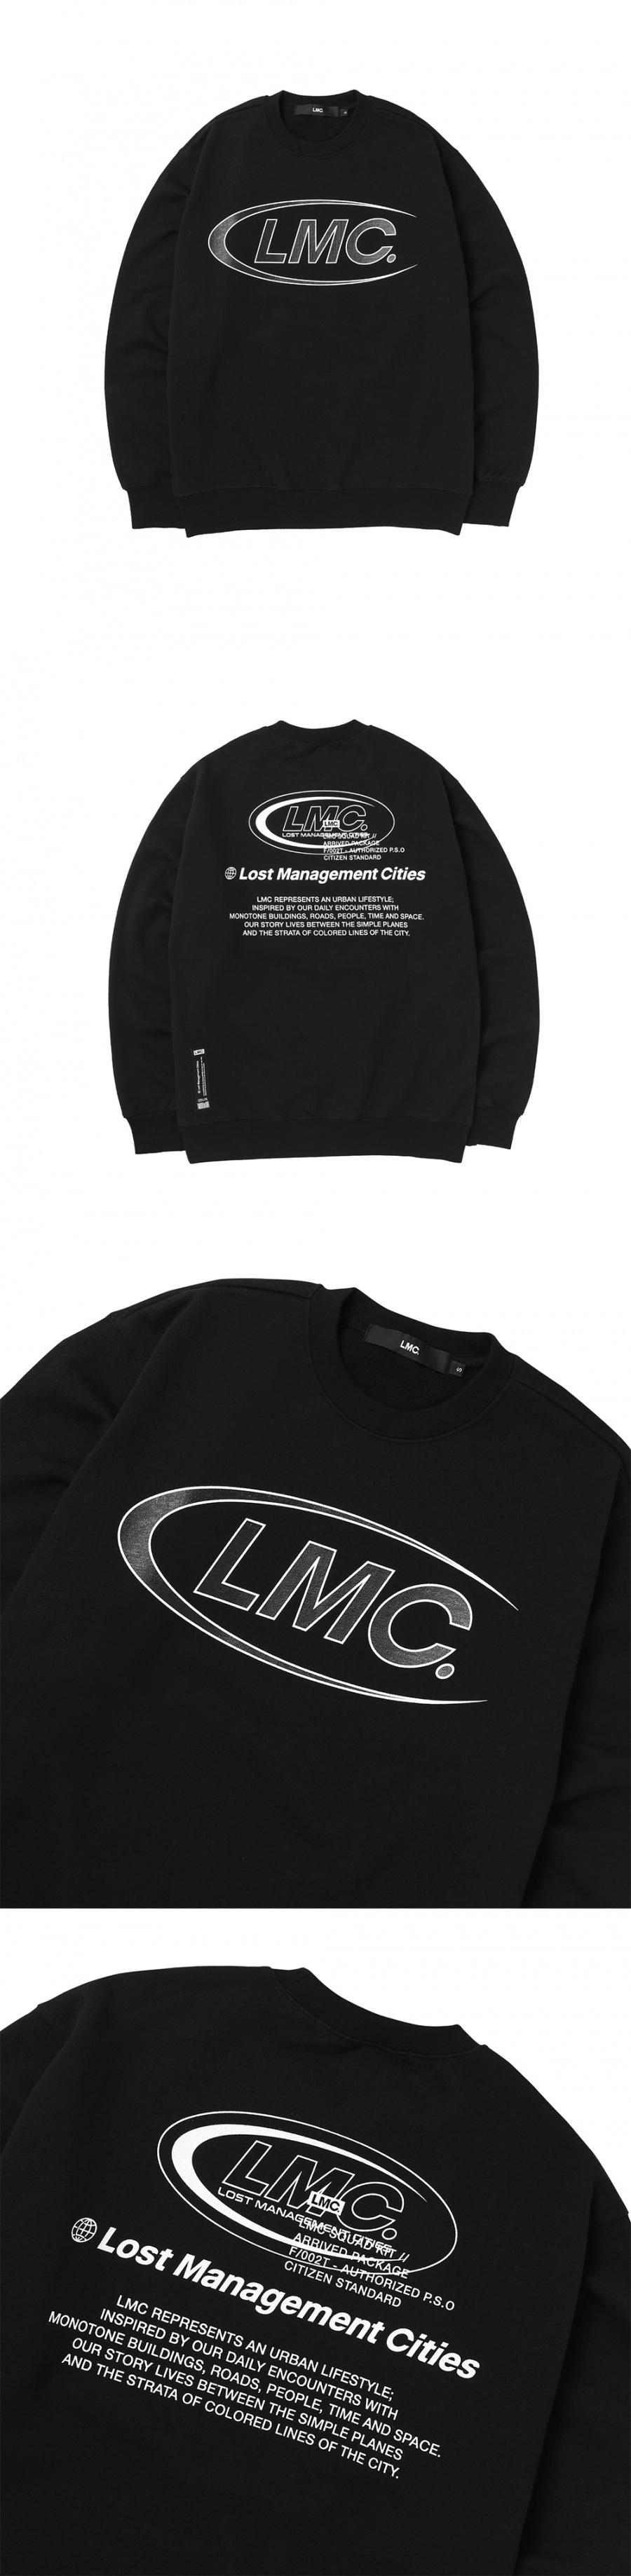 엘엠씨(LMC) LMC CO LOGO OVERLAP SWEATSHIRT black